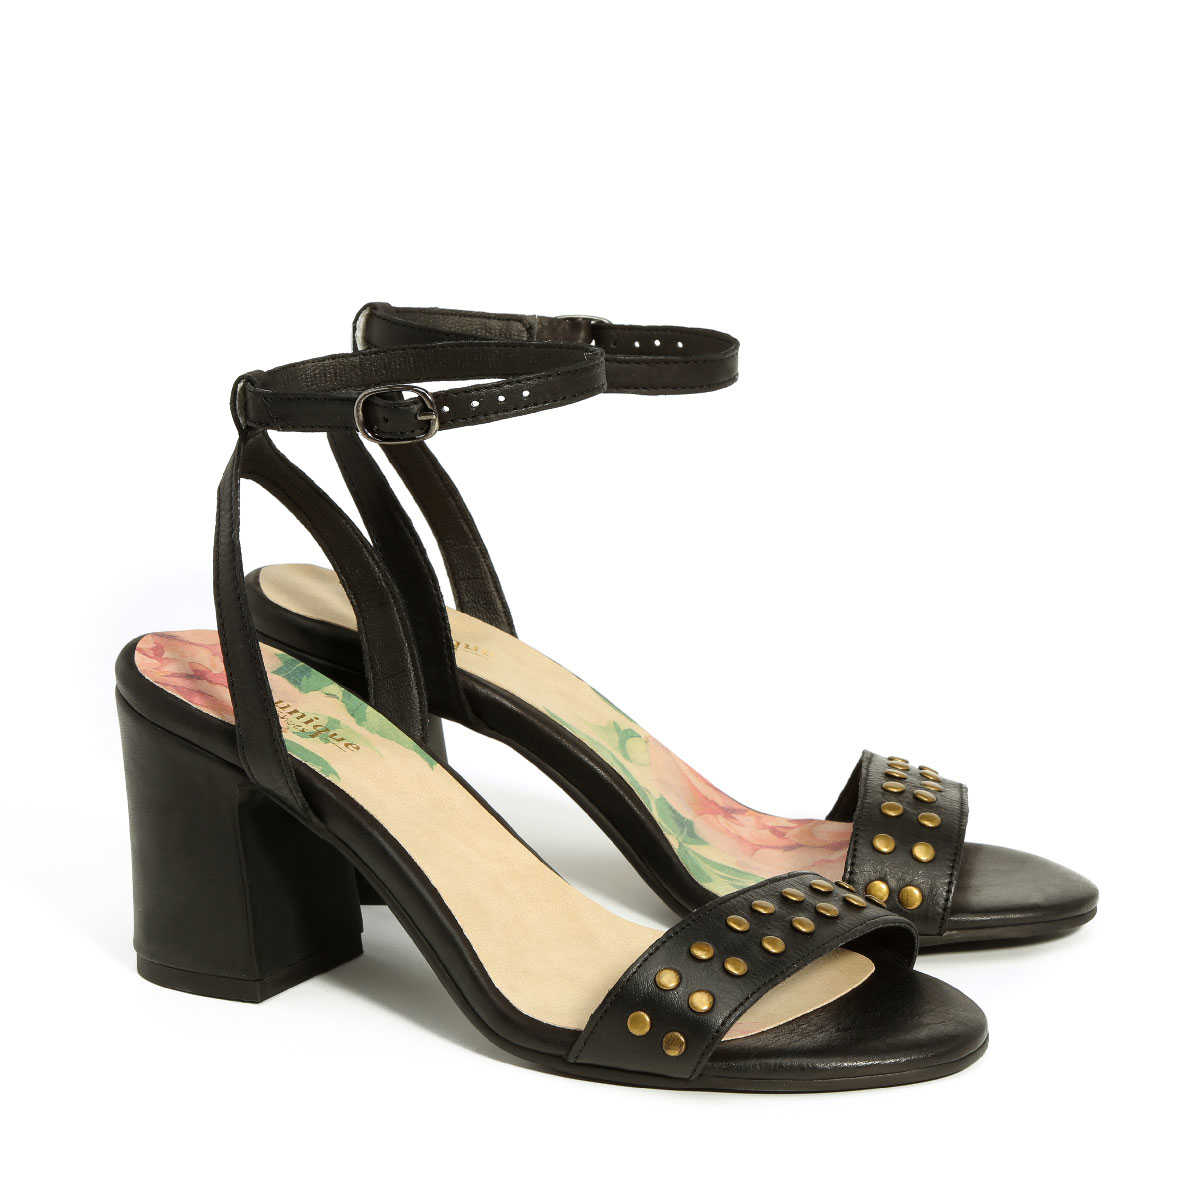 בלעדי לאתר - דגם אמה: נעלי עקב בצבע שחור